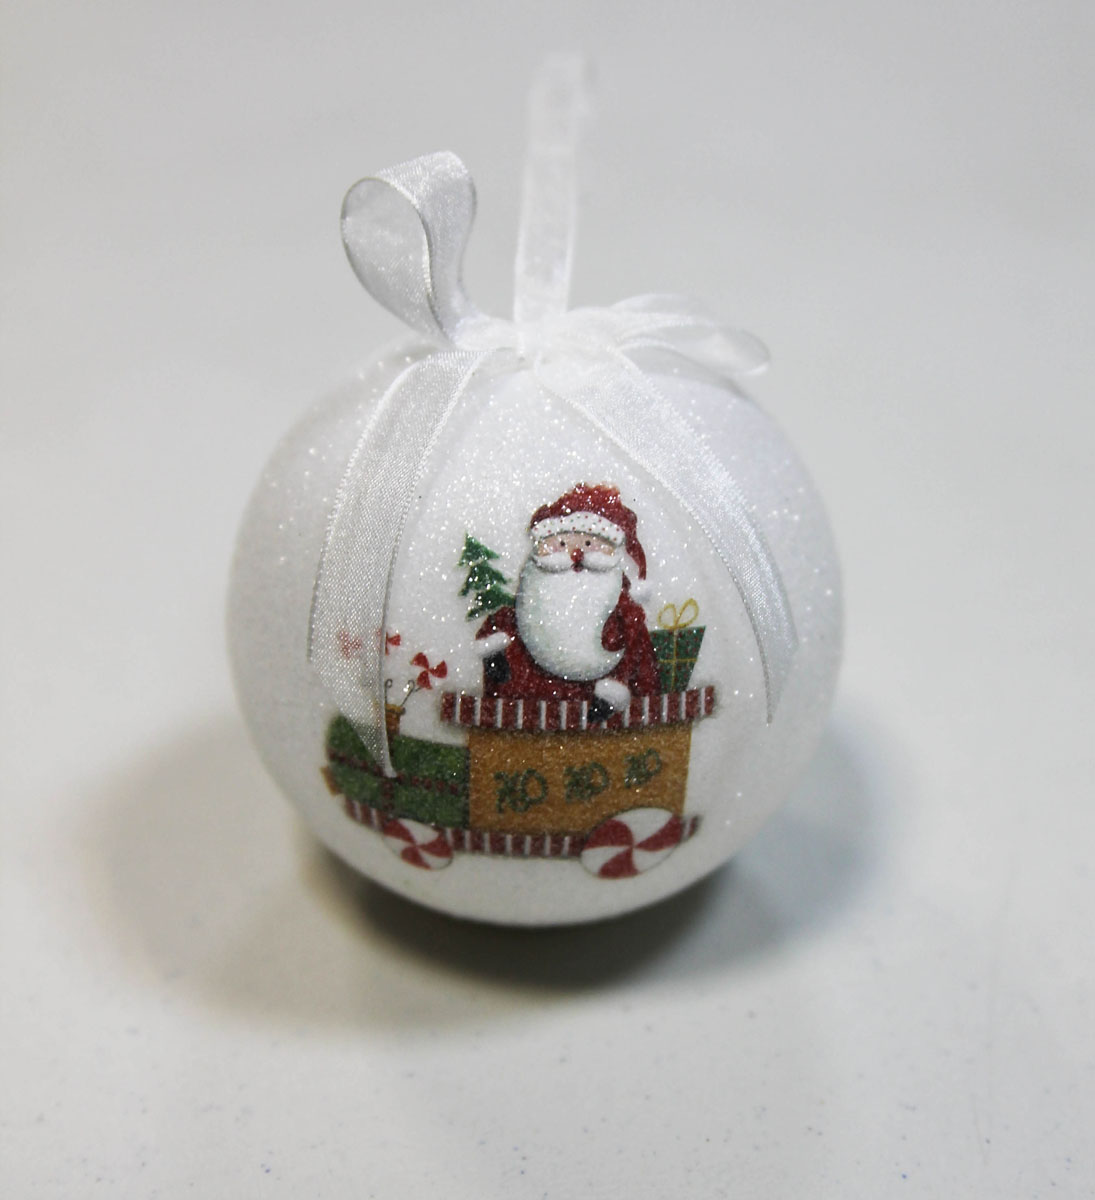 Новогоднее подвесное украшение Kosmos Шар, с подсветкой, диаметр 8 смKOCNL-EL102_wНовогоднее украшение Kosmos Шар отлично подойдет для декорации вашего дома и новогодней ели. Украшение выполнено в виде шара, украшенного текстильным бантом. Особенностью данного украшения является наличие устройства, при включении которого шар светится.Елочная игрушка - символ Нового года. Она несет в себе волшебство и красоту праздника. Создайте в своем доме атмосферу веселья и радости, украшая всей семьей новогоднюю елку нарядными игрушками, которые будут из года в год накапливать теплоту воспоминаний. УВАЖАЕМЫЕ КЛИЕНТЫ!Украшение работает от 3-х батареек LR44 (G13), напряжением 1.5V. Батарейки входят в комплект.